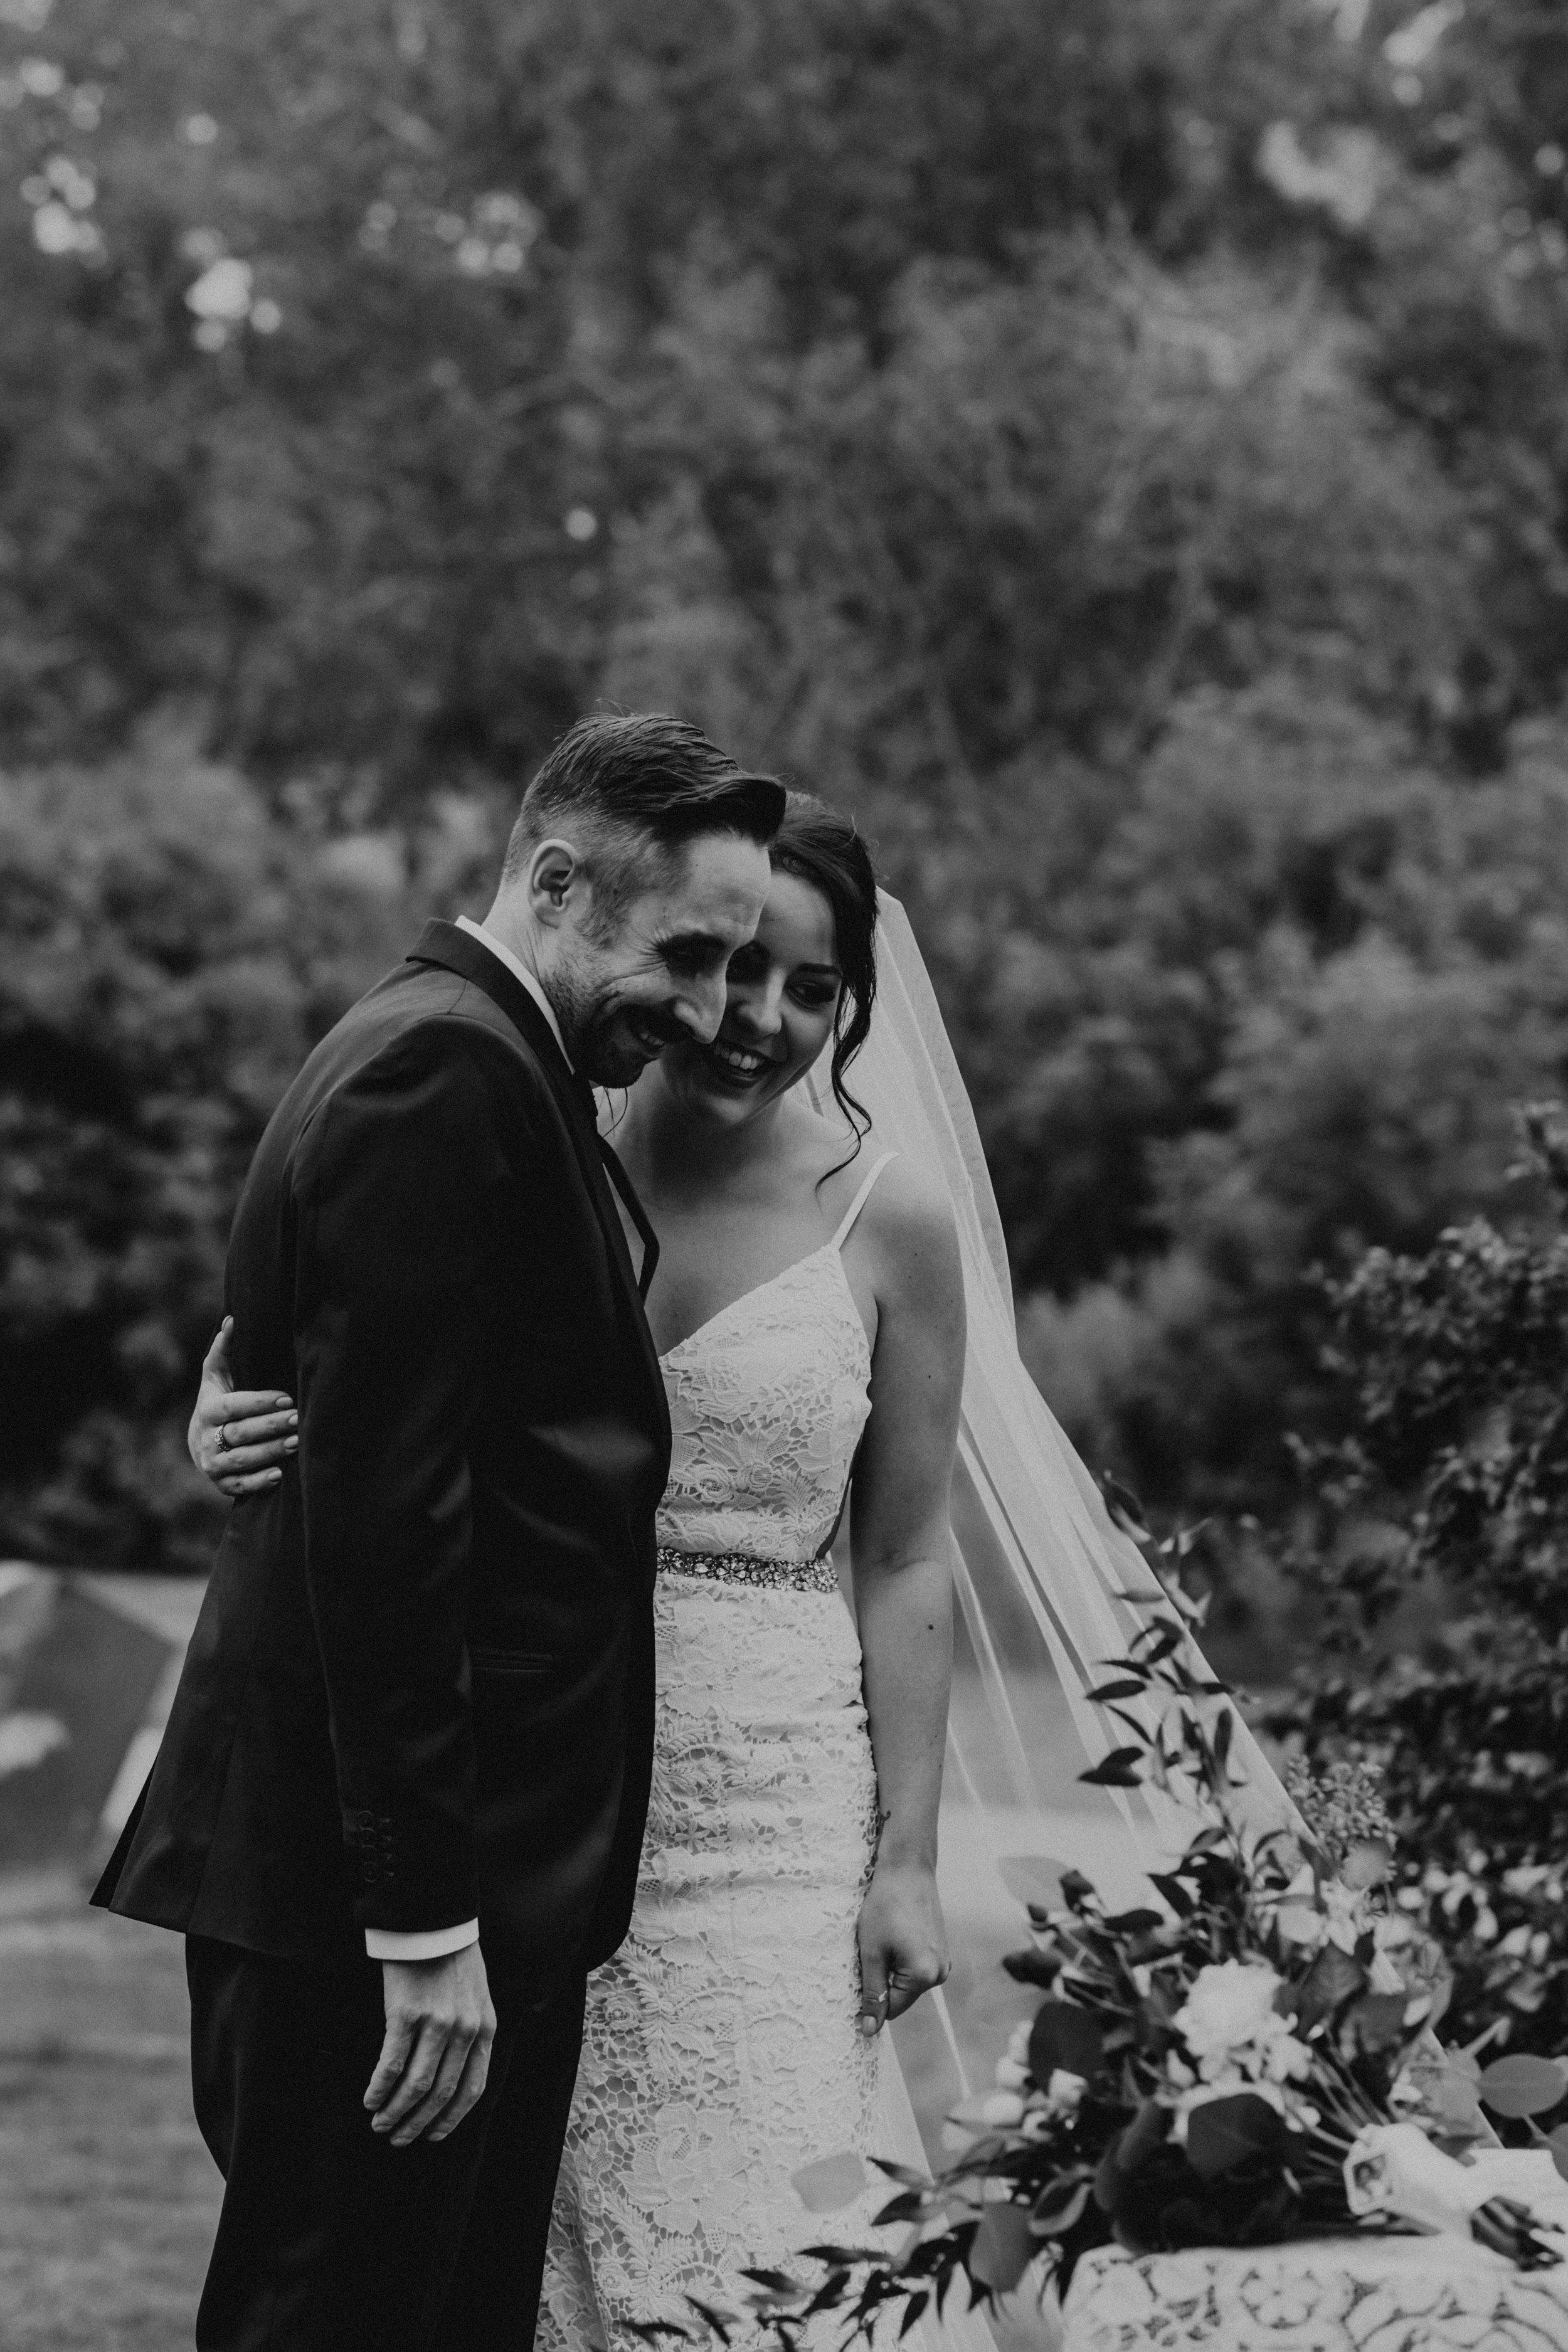 Calgary Wedding Photographer - 33 of 84.jpg